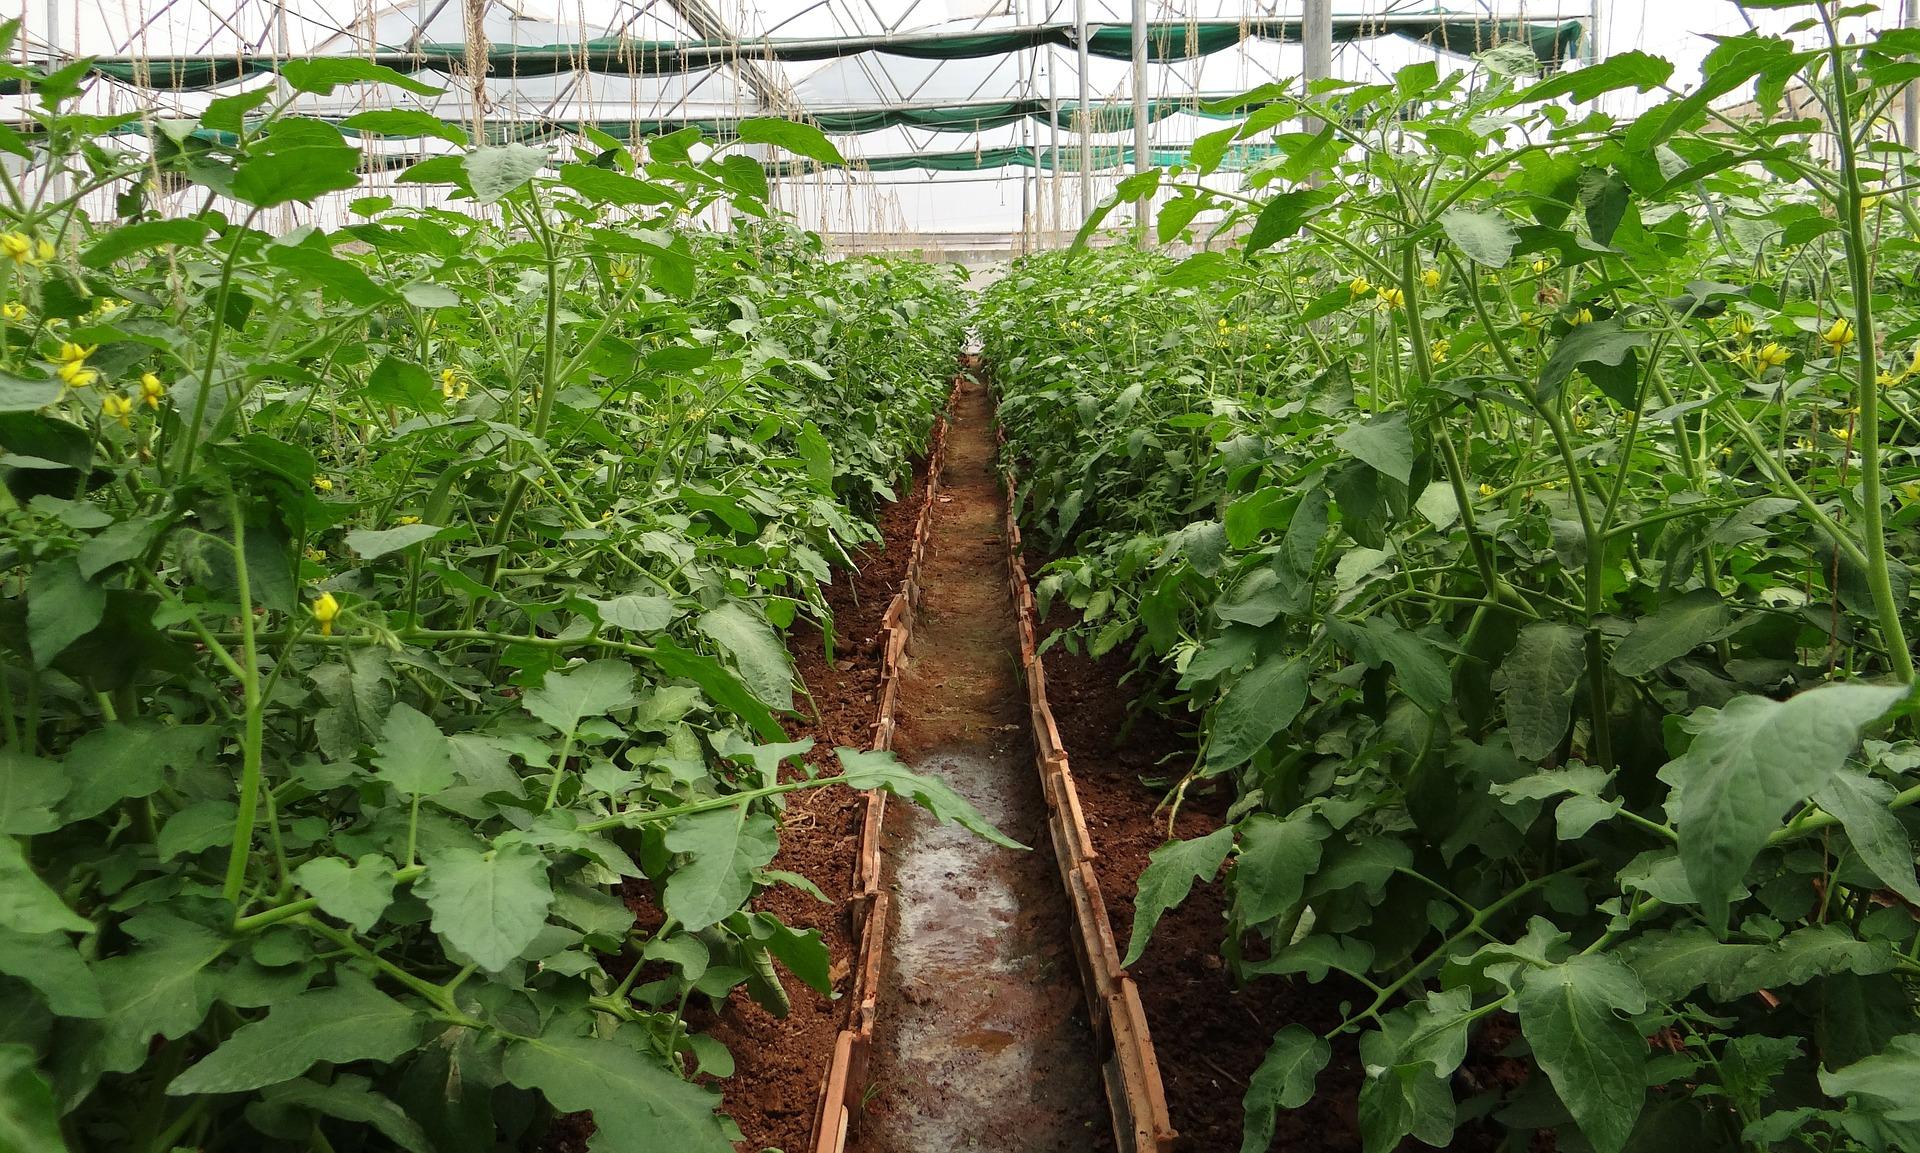 tomato-plants-320663_1920